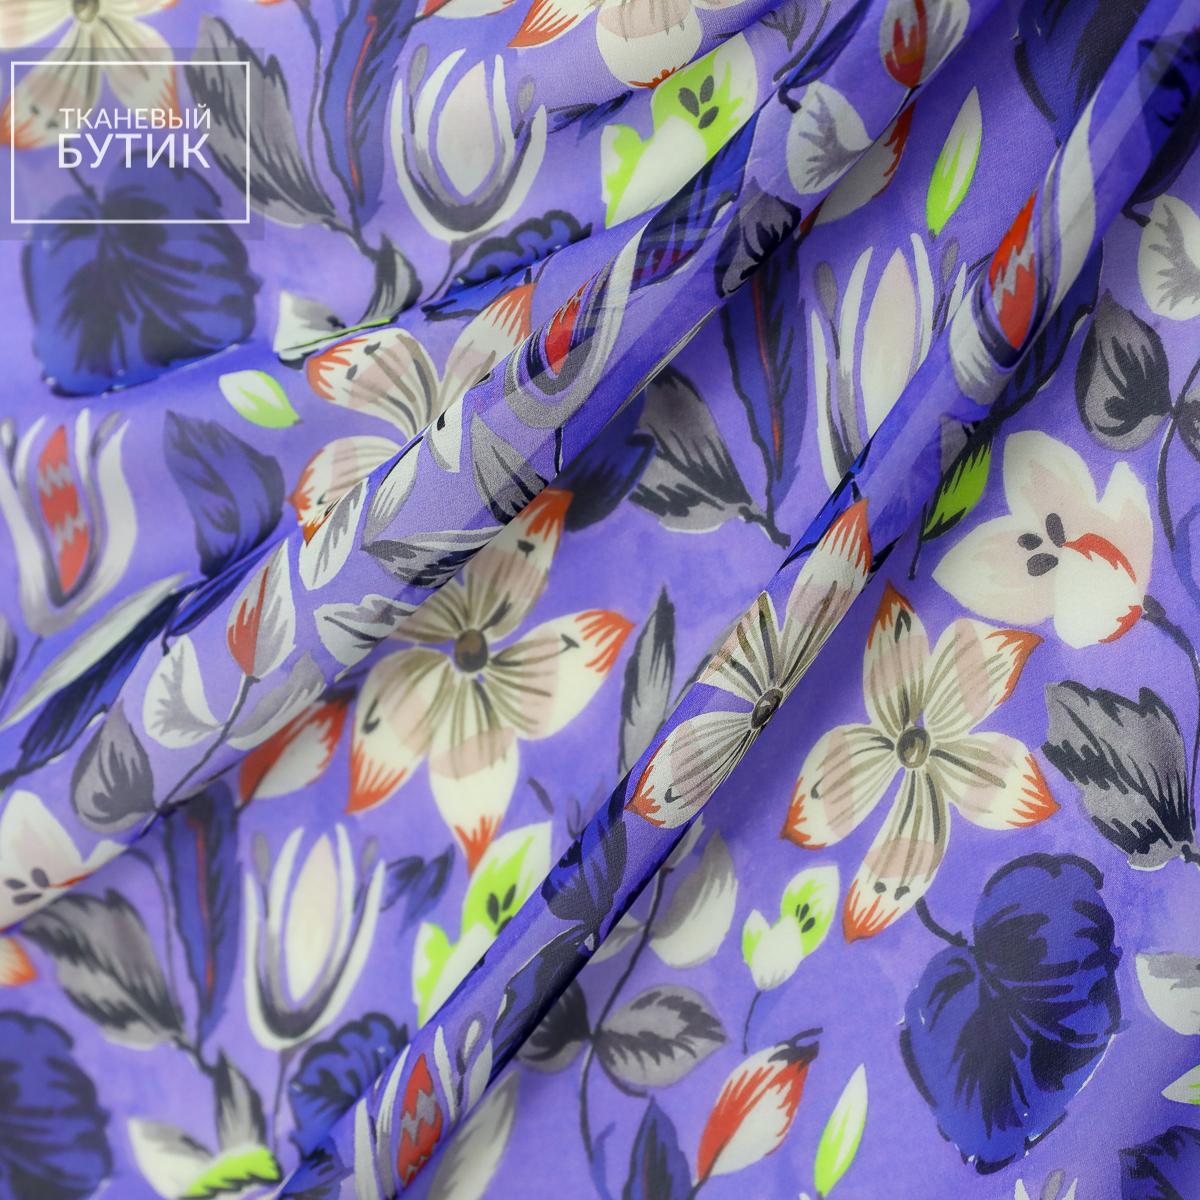 Шифон фиолетовый с яркими цветочными элементами